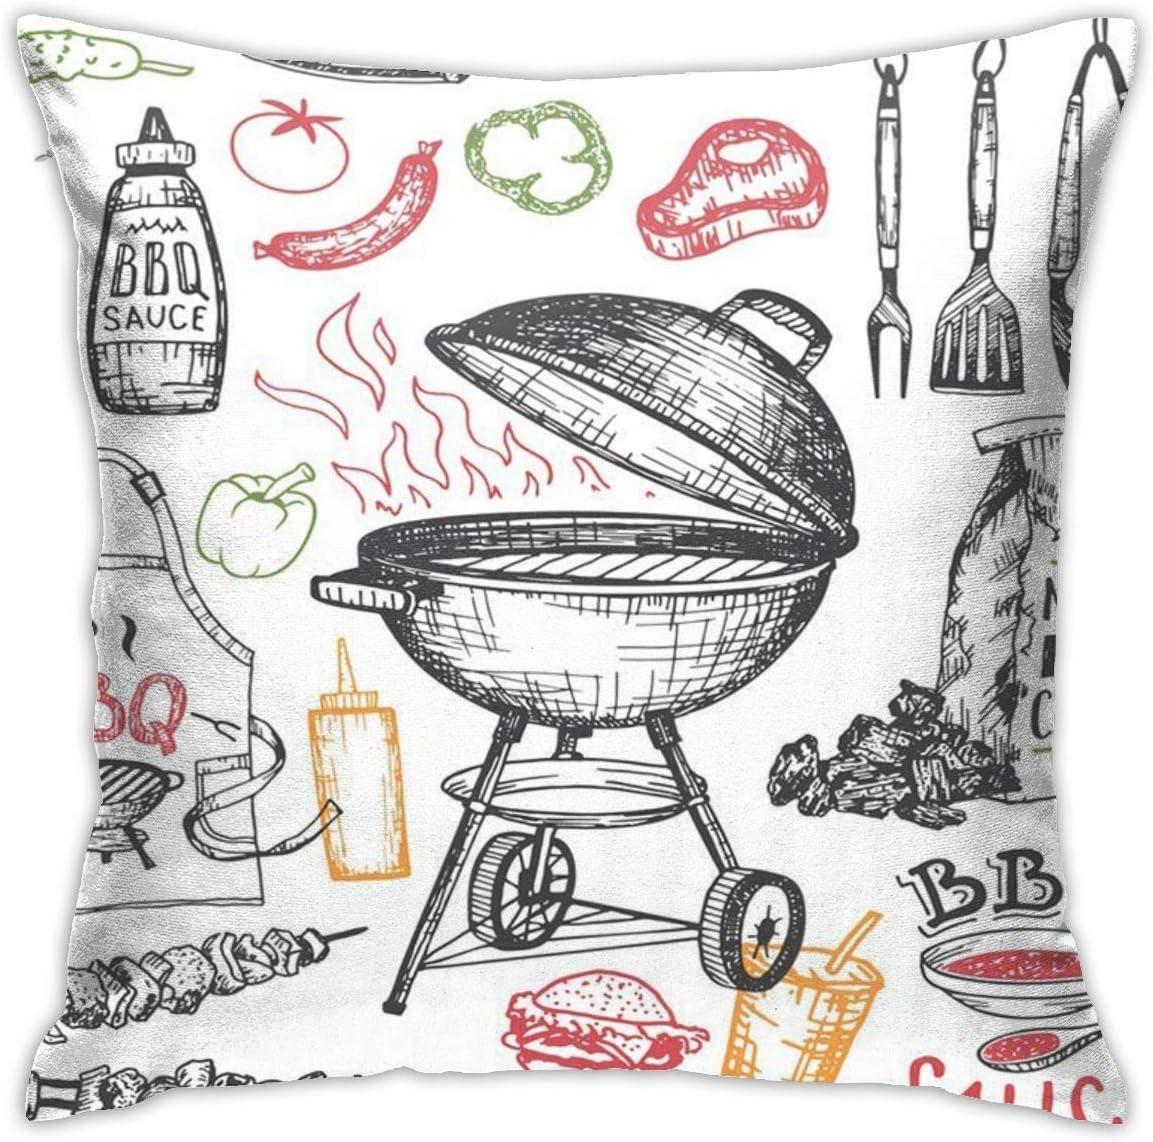 Fundas de Almohada, Funda de Almohada para sofá, Parrilla de Barbacoa Dibujada, Barbacoa Blanca, Fiesta de Barbacoa, boceto de Caldera de carbón con Herramientas y Alimentos Vintage